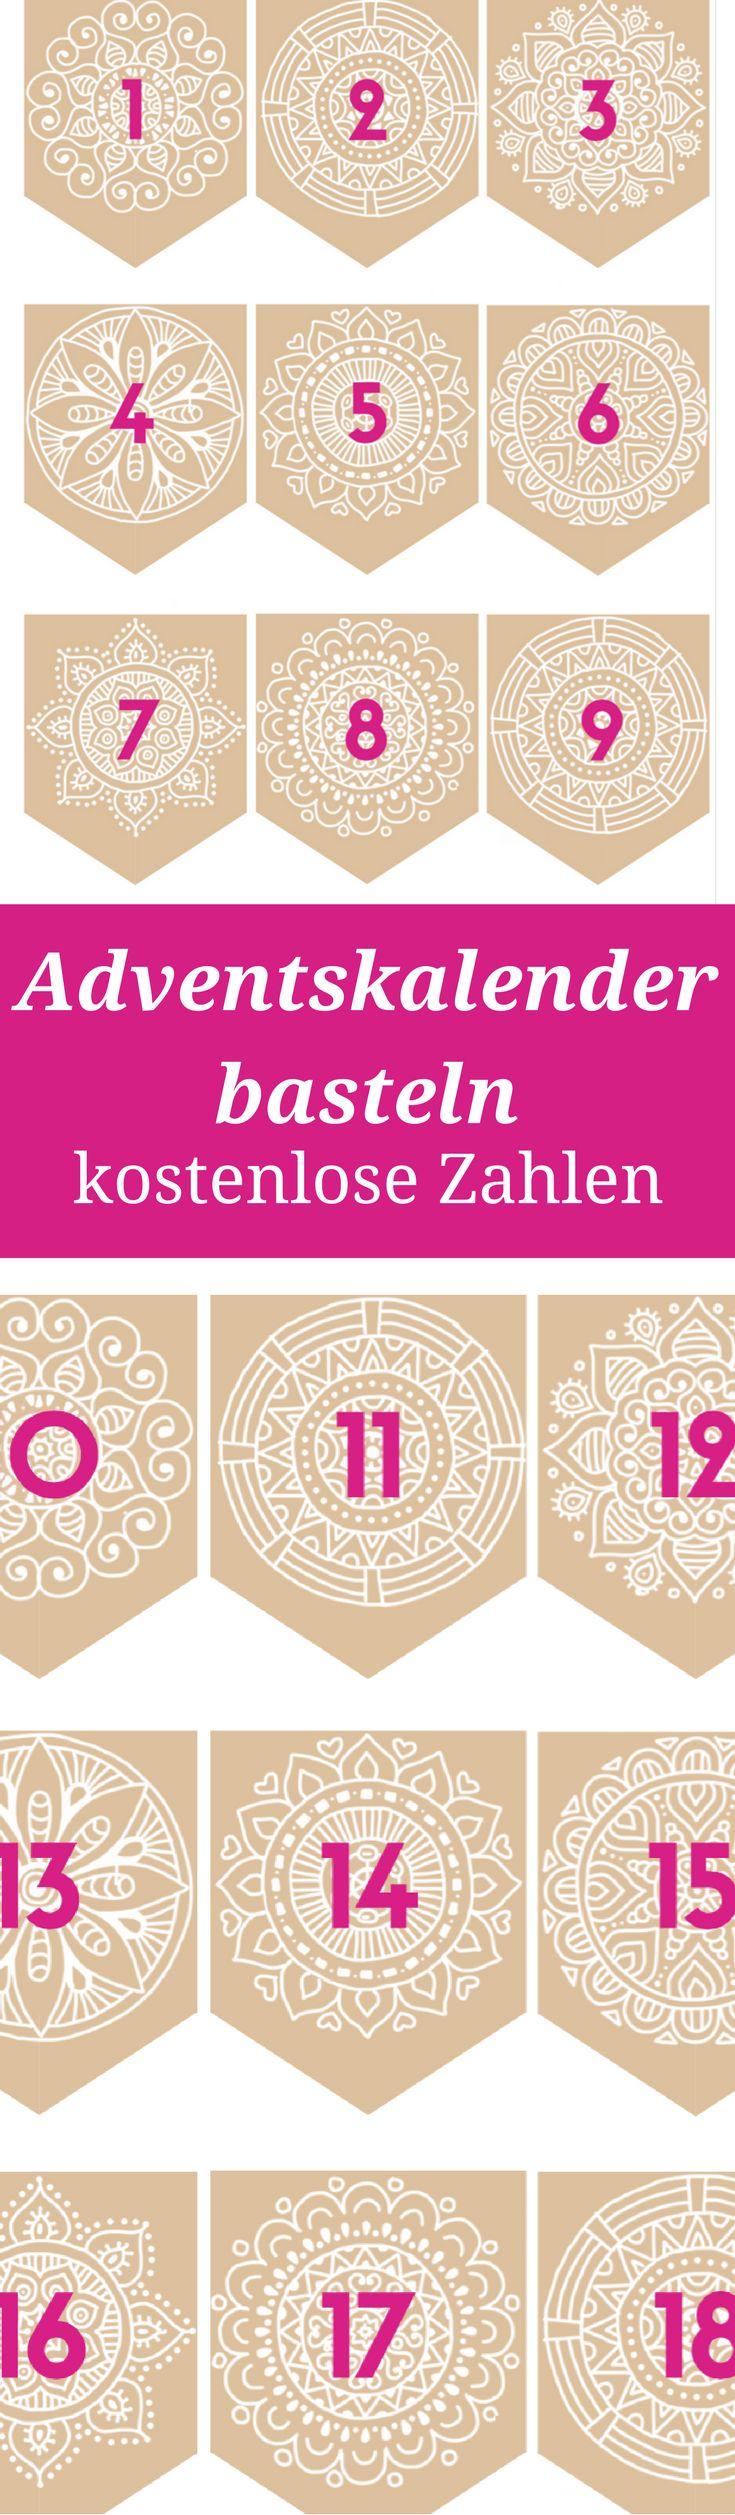 Adventskalender basteln - DIY Zahlen zum Ausdrucken als kostenlose Vorlage. Außerdem: Ideen für Adventskalenderinhalte OHNE Konsum, mit liebevollen Unternehmungen und Erlebnissen.